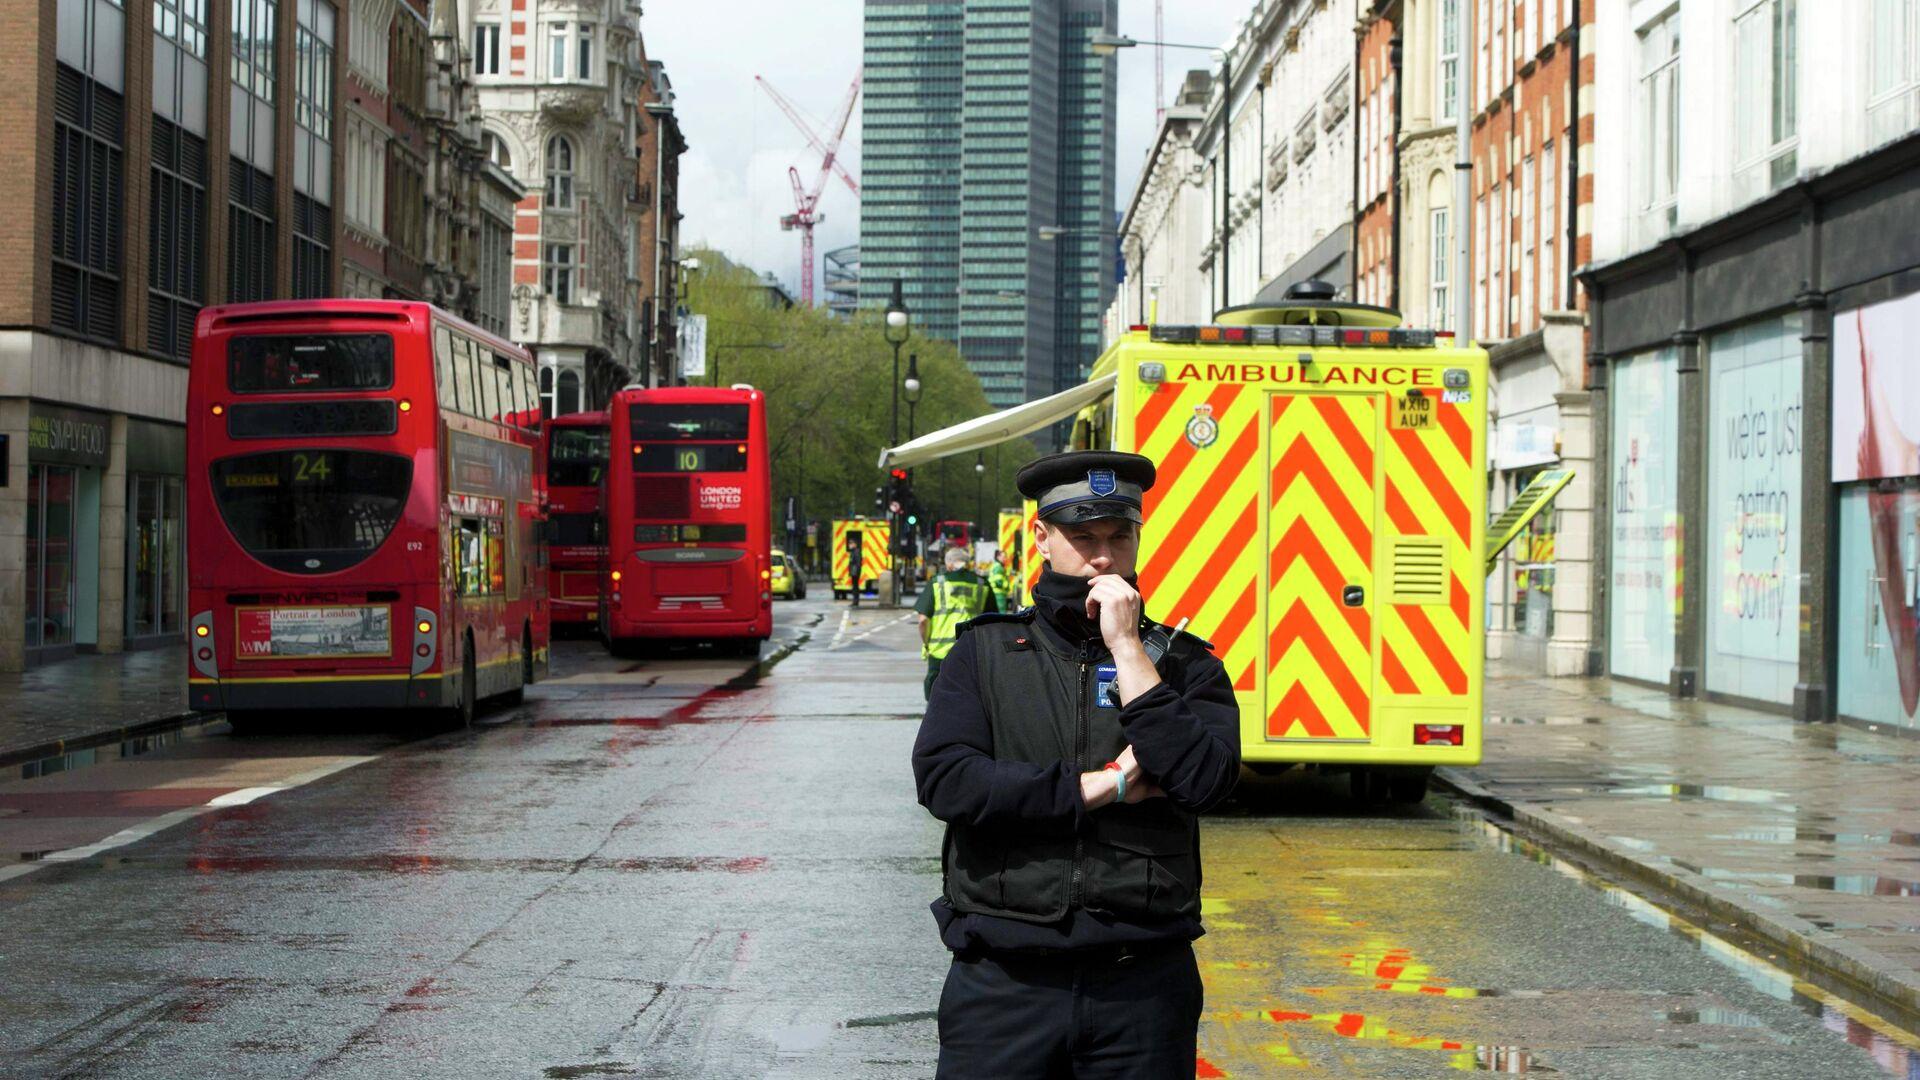 Число пострадавших при беспорядках в Белфасте полицейских возросло до 15